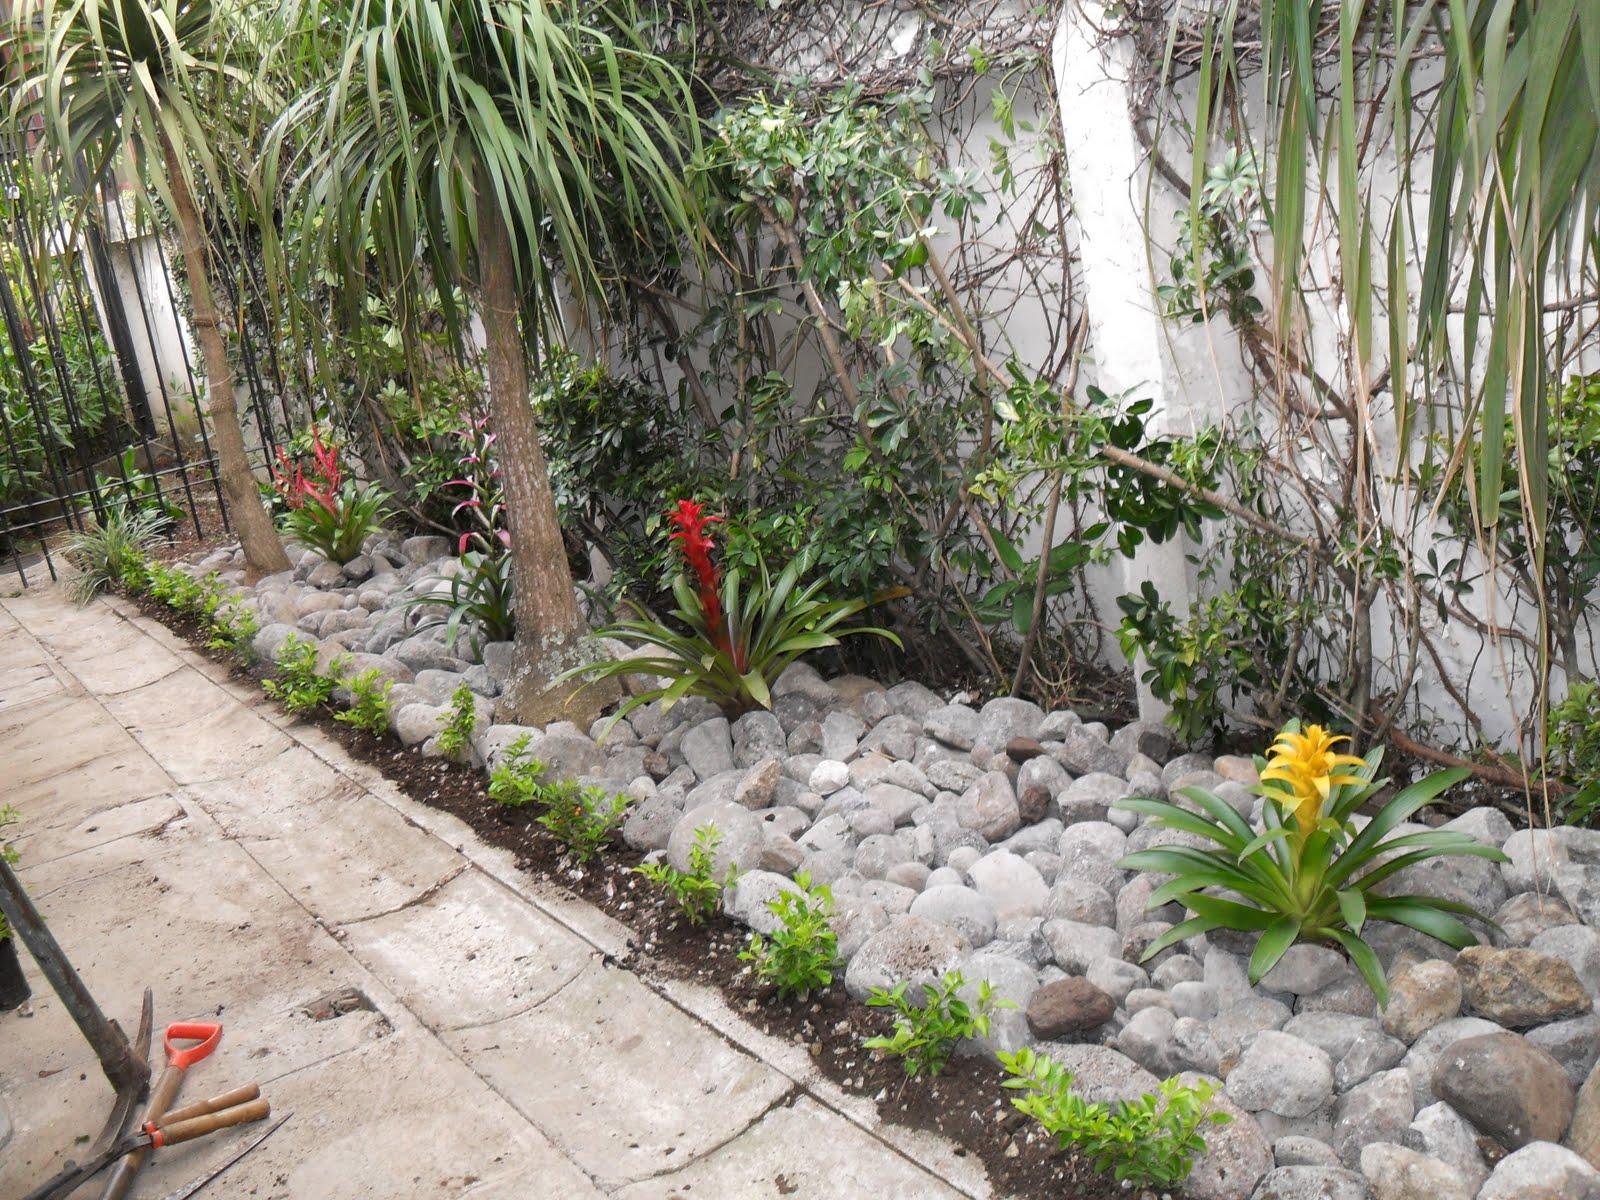 Mantenimiento y dise o de jardines jardin seco for Jardines con canas y piedras